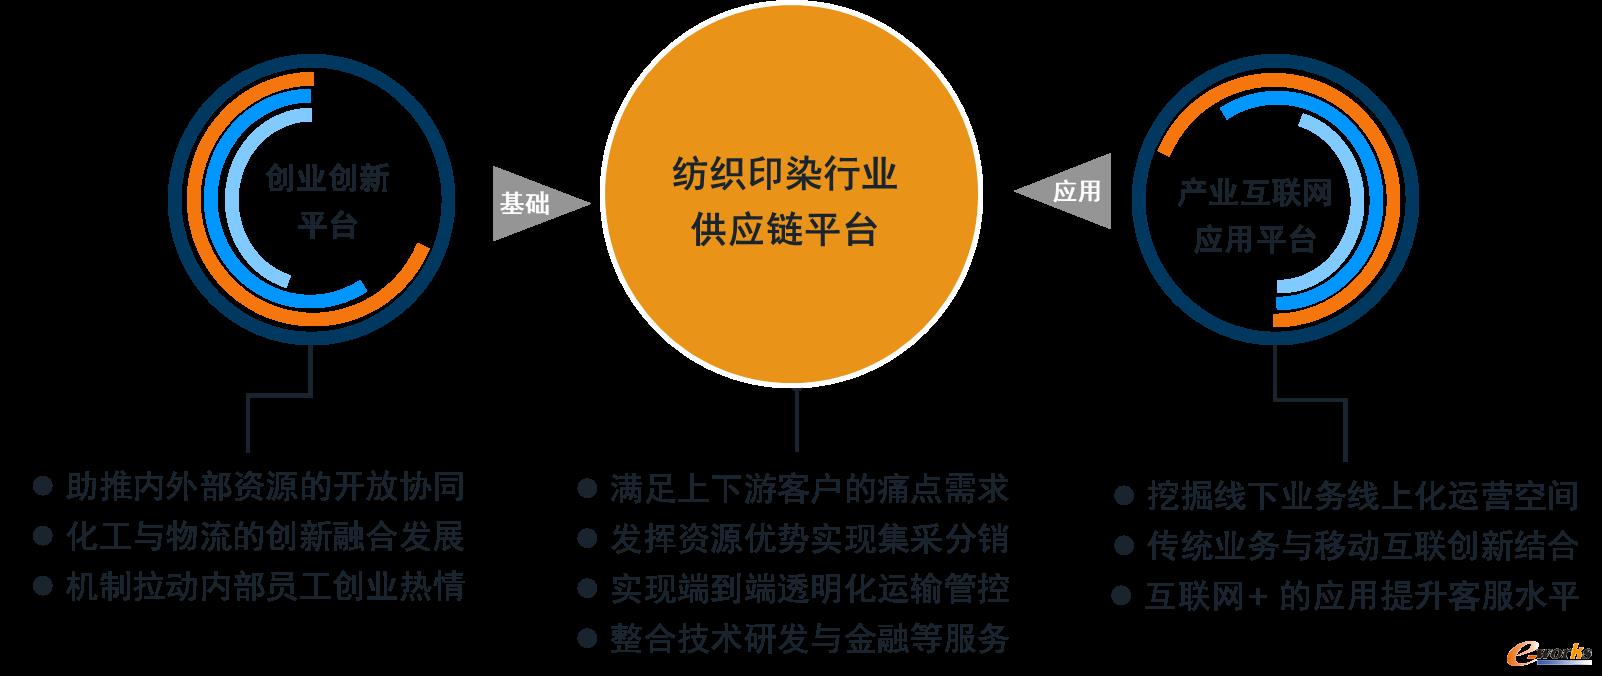 浙江传化化学集团